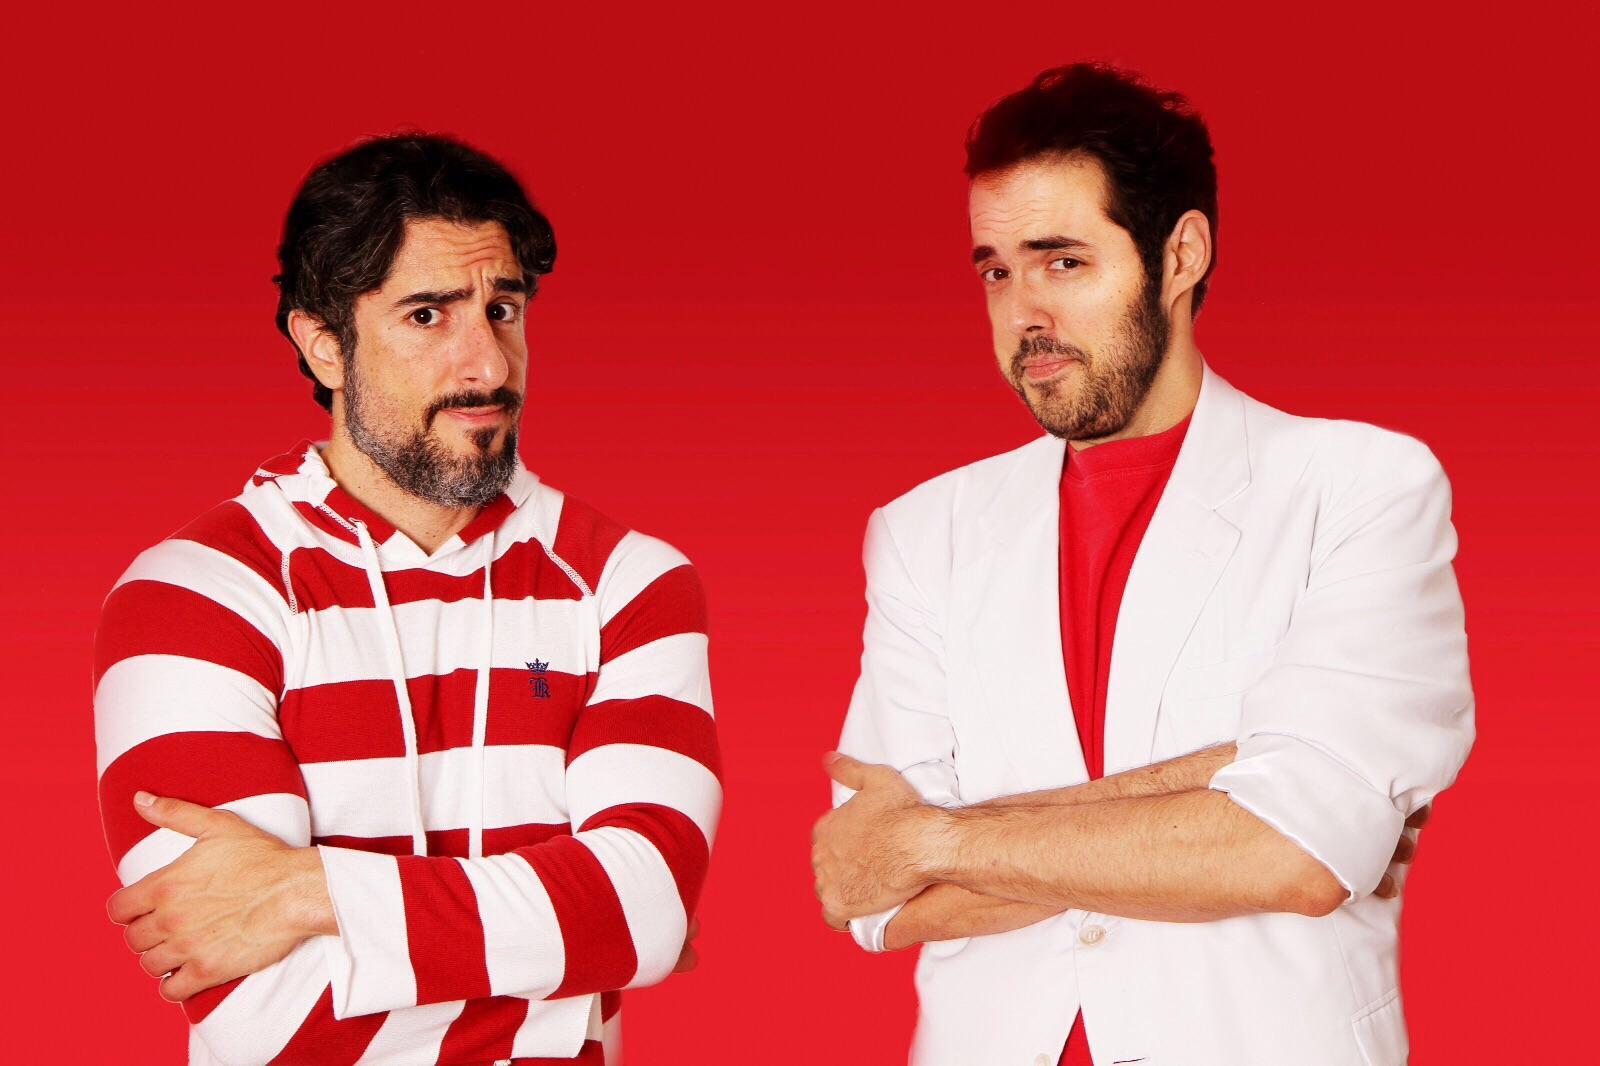 """Marcos Mion e Fernando Ceylão em """"Deixa Solto!"""": estreia no Teatro Itália (Foto: Divulgação)"""